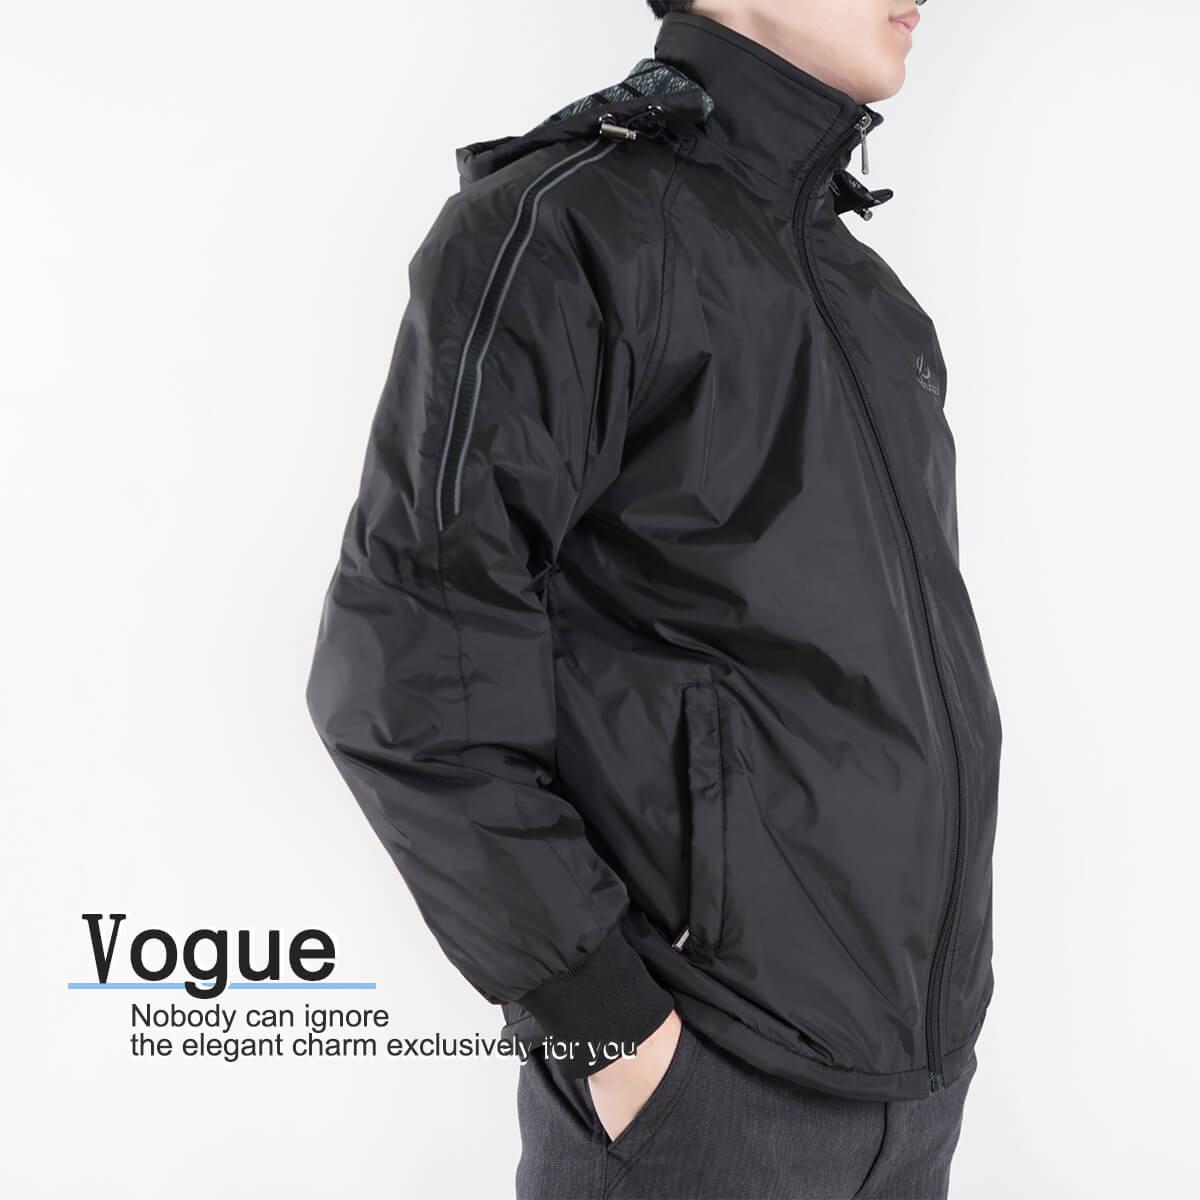 內舖絨布保暖風衣外套 保暖外套 騎士外套 夾克外套 防風外套 黑色外套 FLANNEL LINED WINDBREAKER JACKETS (312-6077-21)黑色 L XL 2L(胸圍46~51英吋) [實體店面保障] sun-e 4